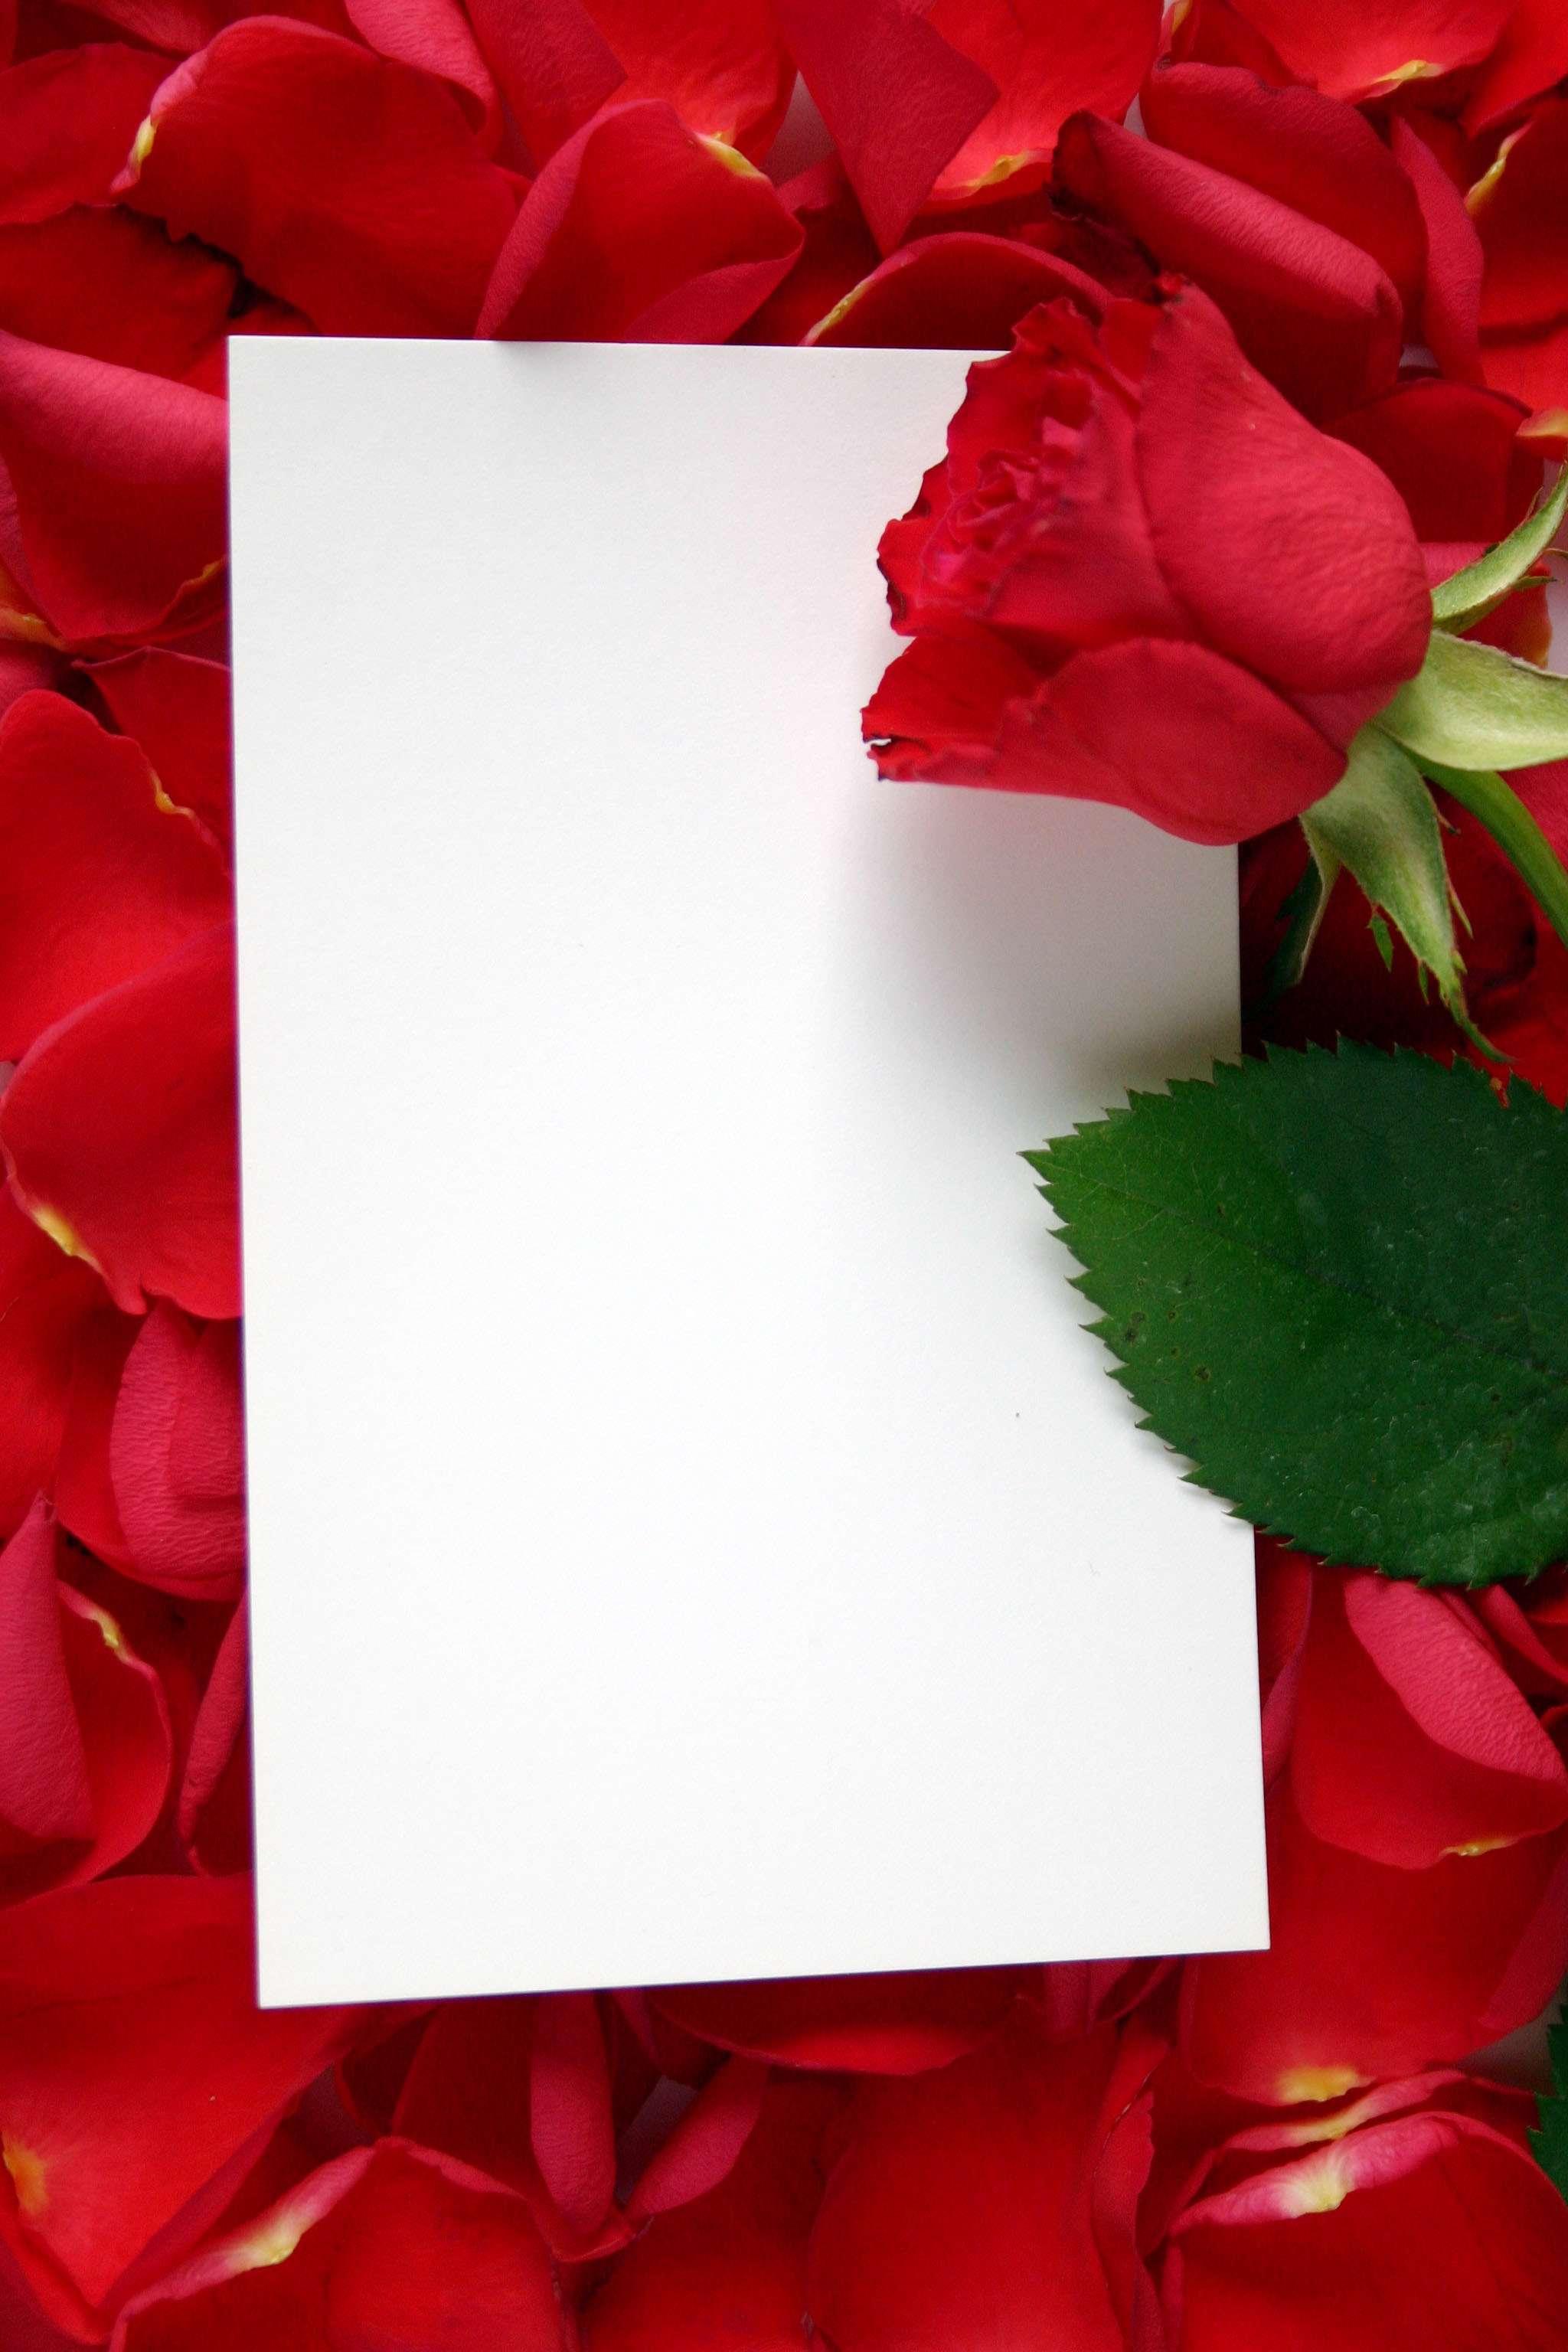 طراحی درخت ساده قاب گرافيكي كاغذي روي گلبرگهاي قرمز گل رز گنجینه تصاویر ...